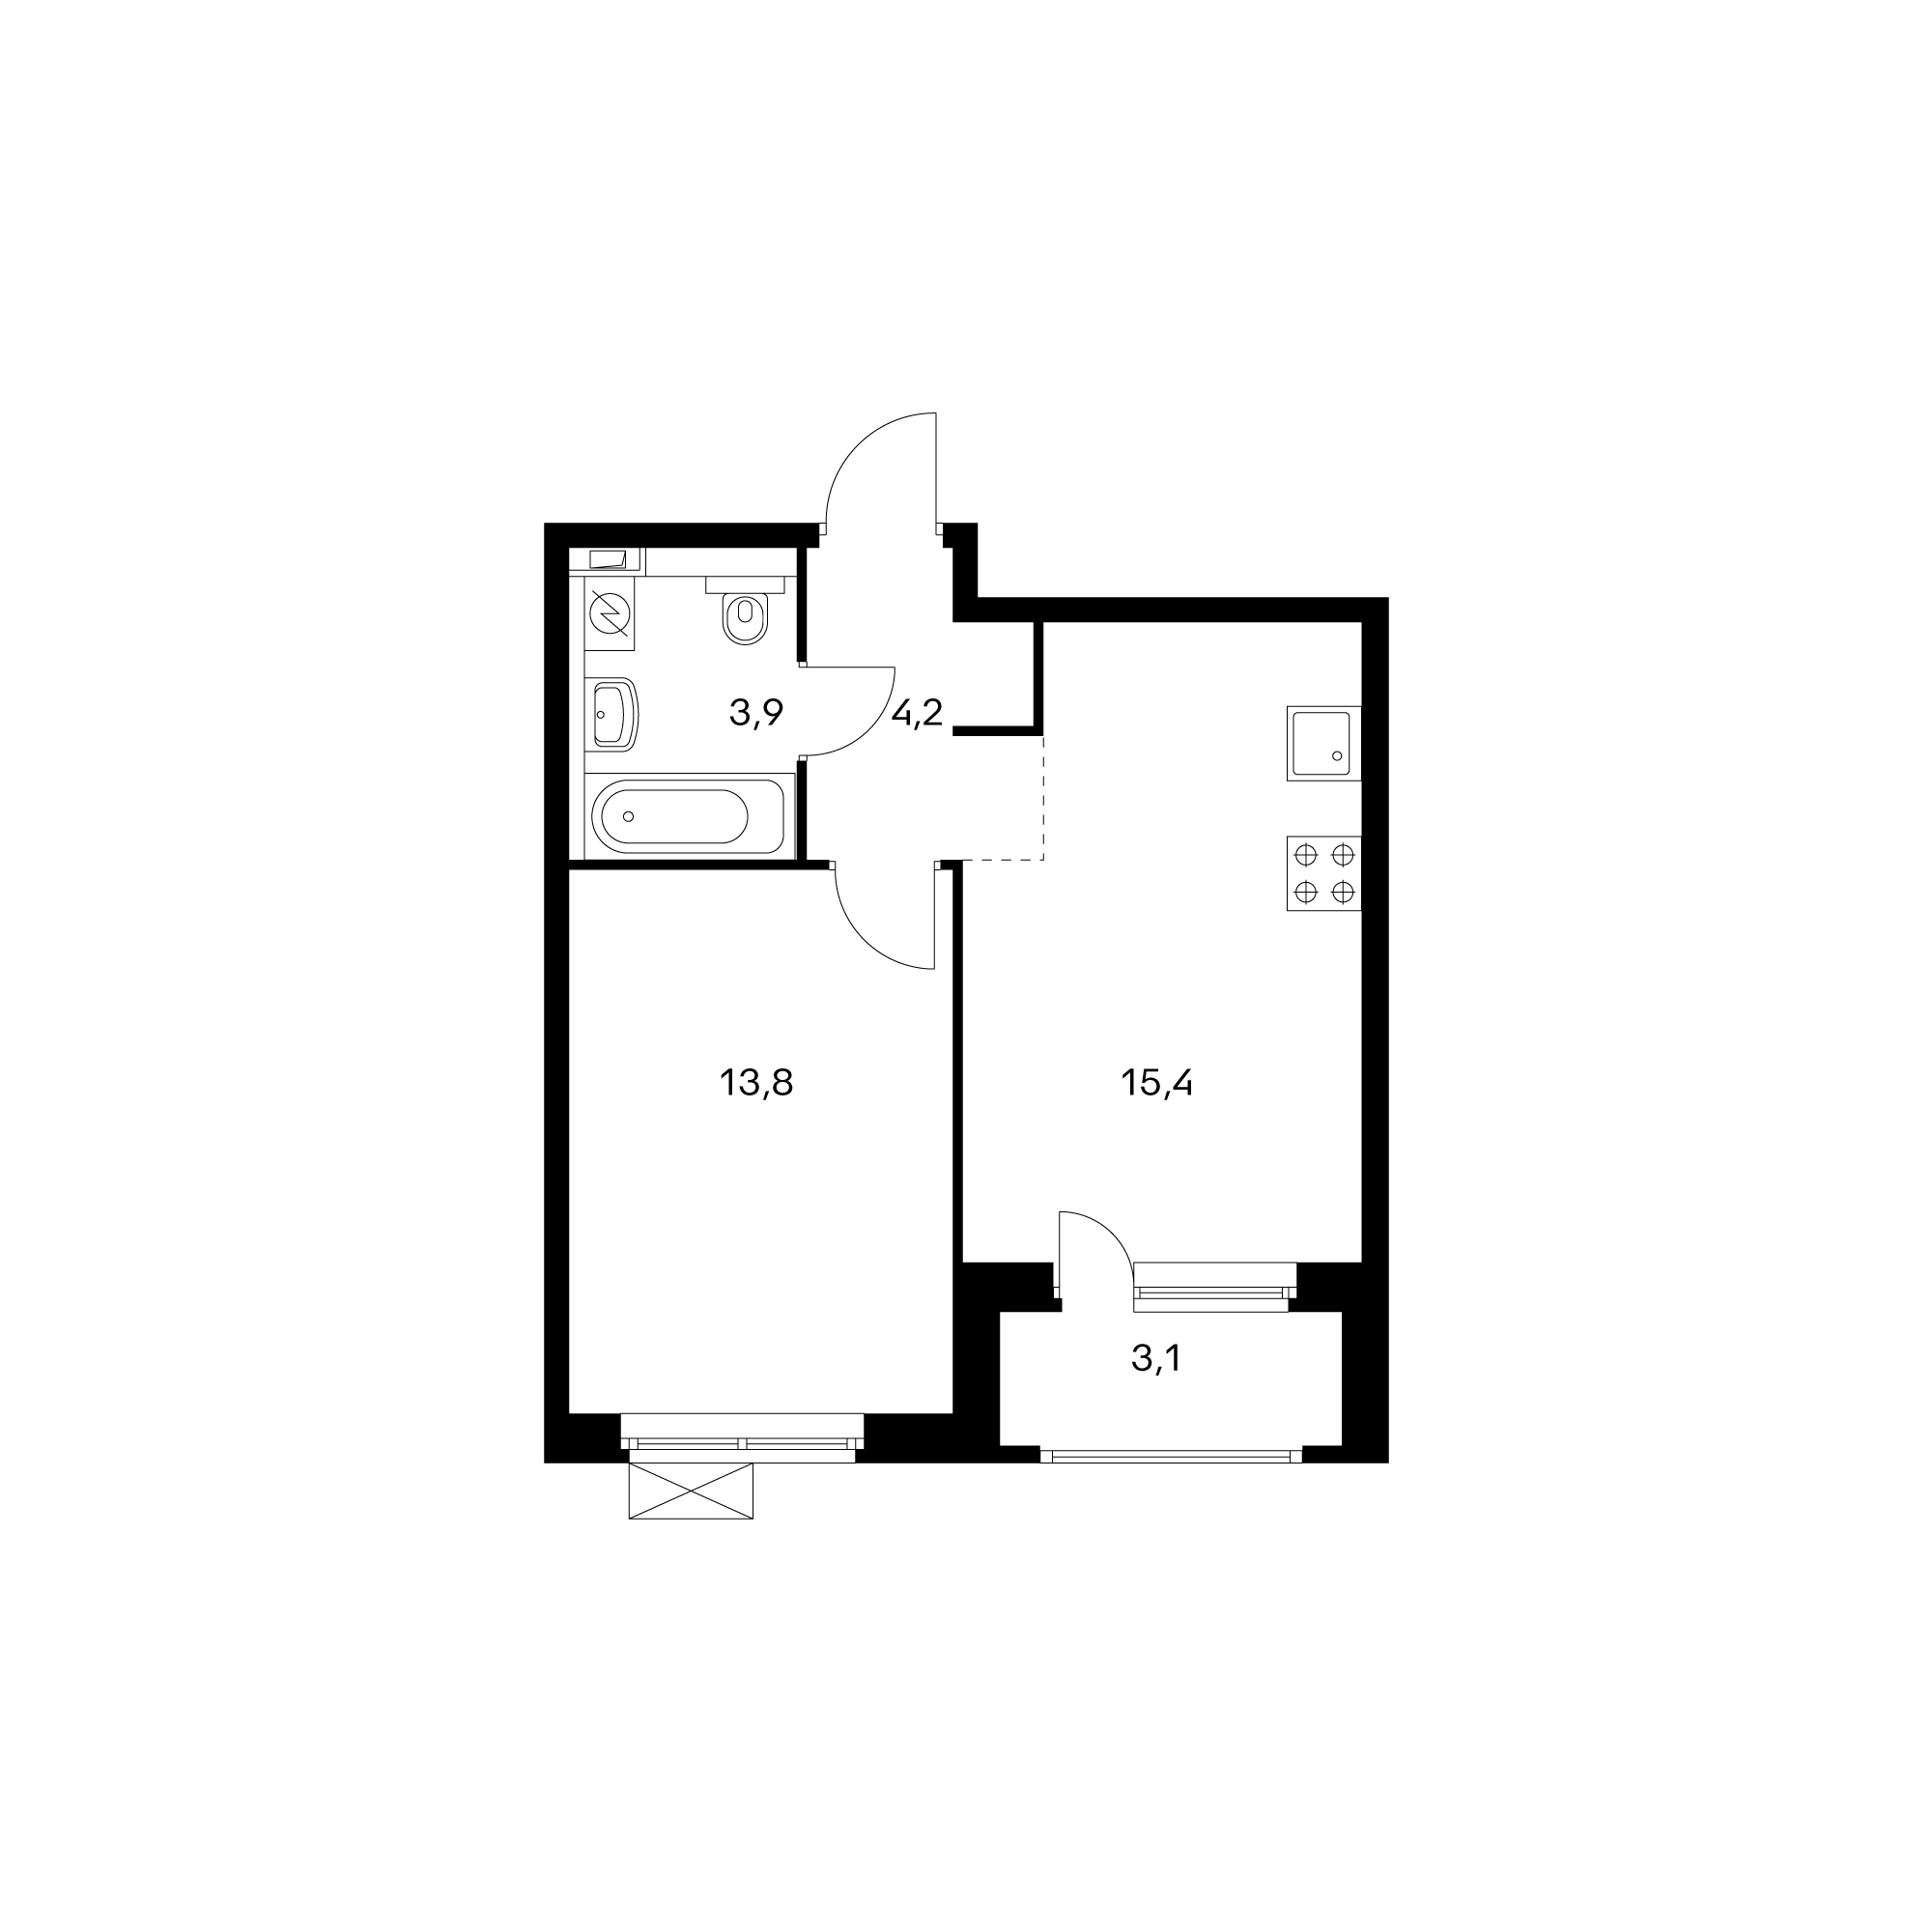 1-комнатная 38.8 м²